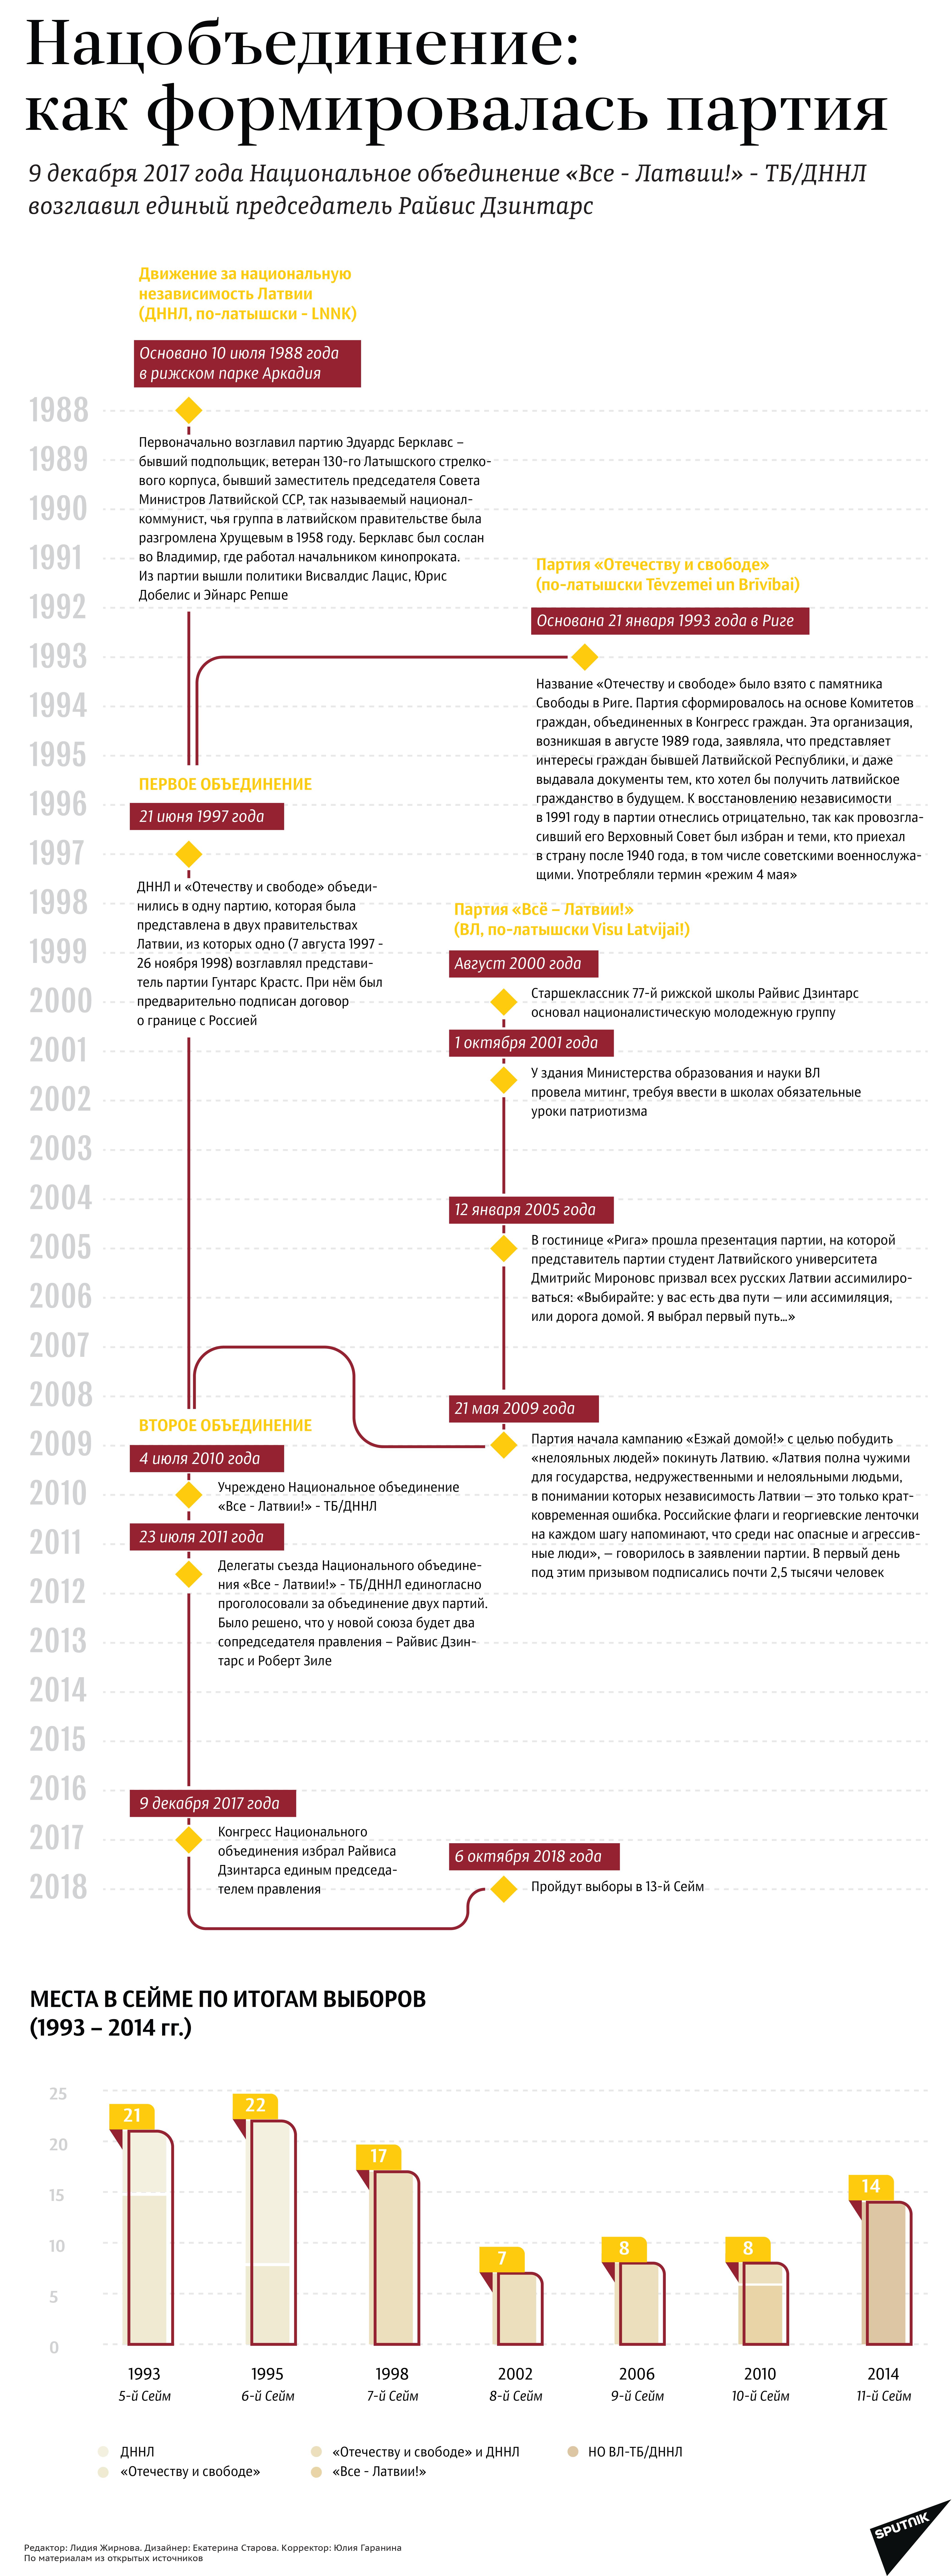 Нацобъединение: как формировалась партия - Sputnik Латвия